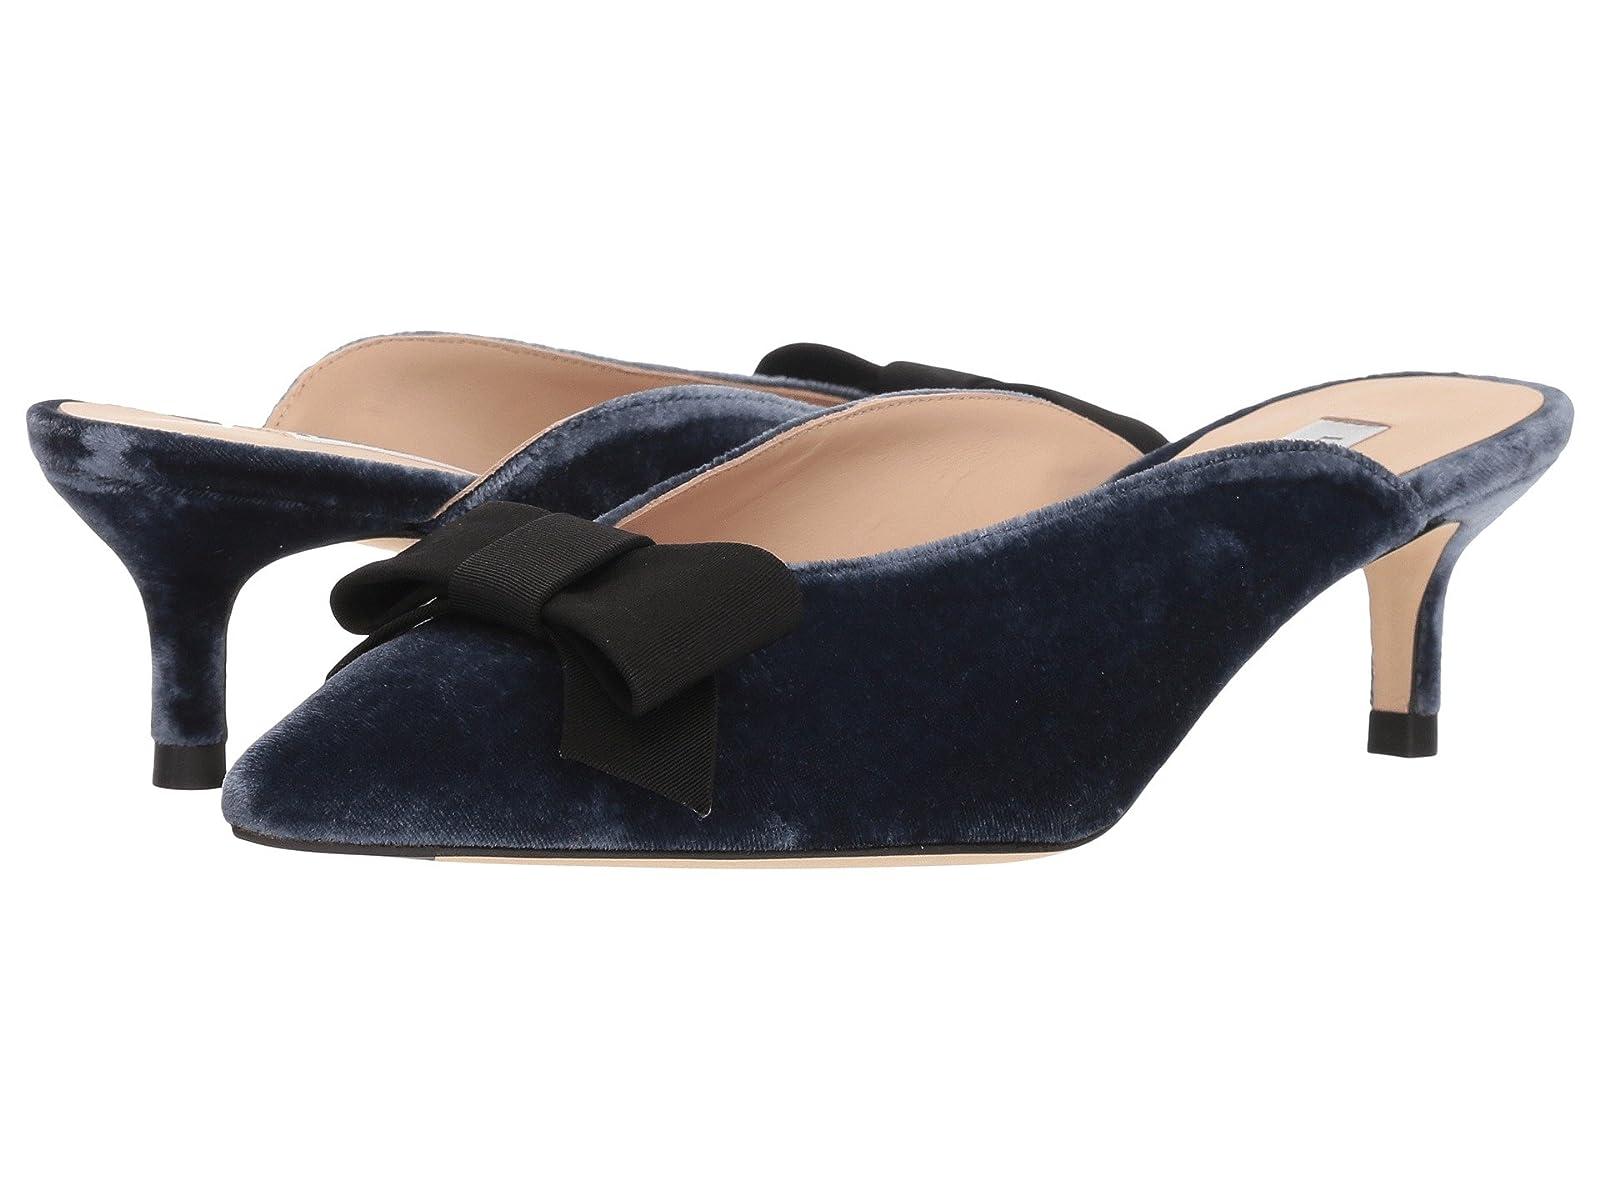 L.K. Bennett SerenAtmospheric grades have affordable shoes